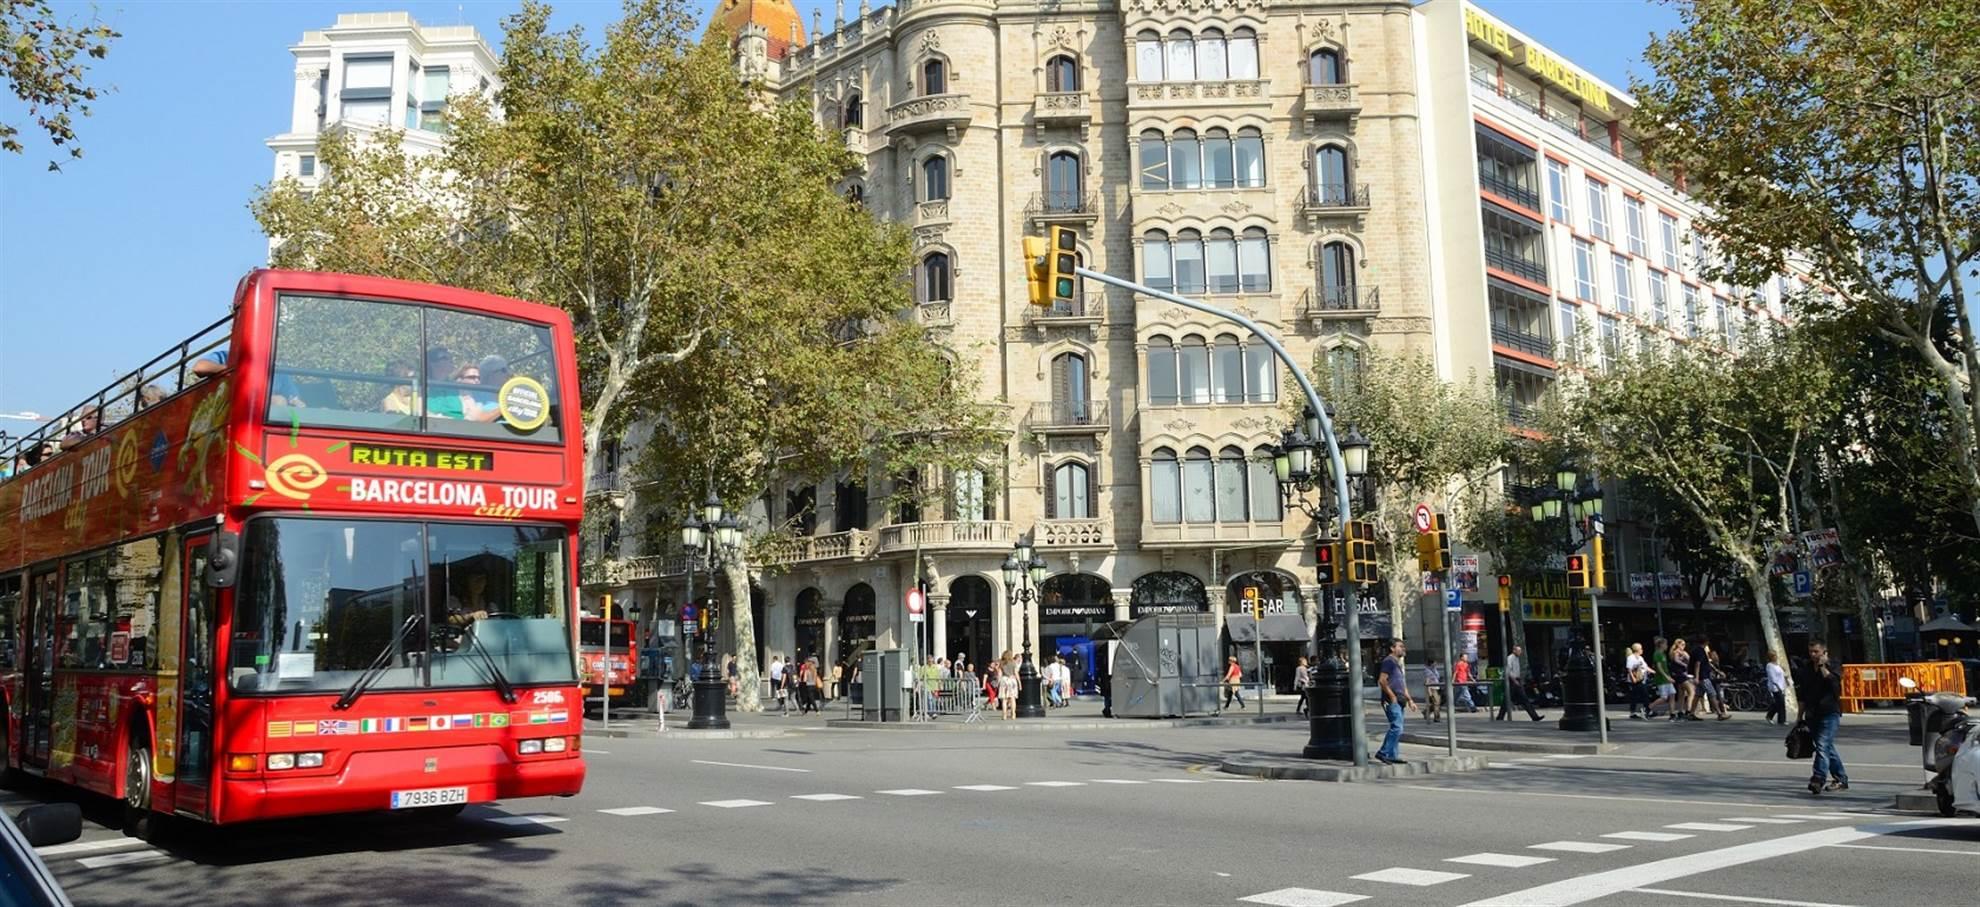 Originele Barcelona Rondleiding